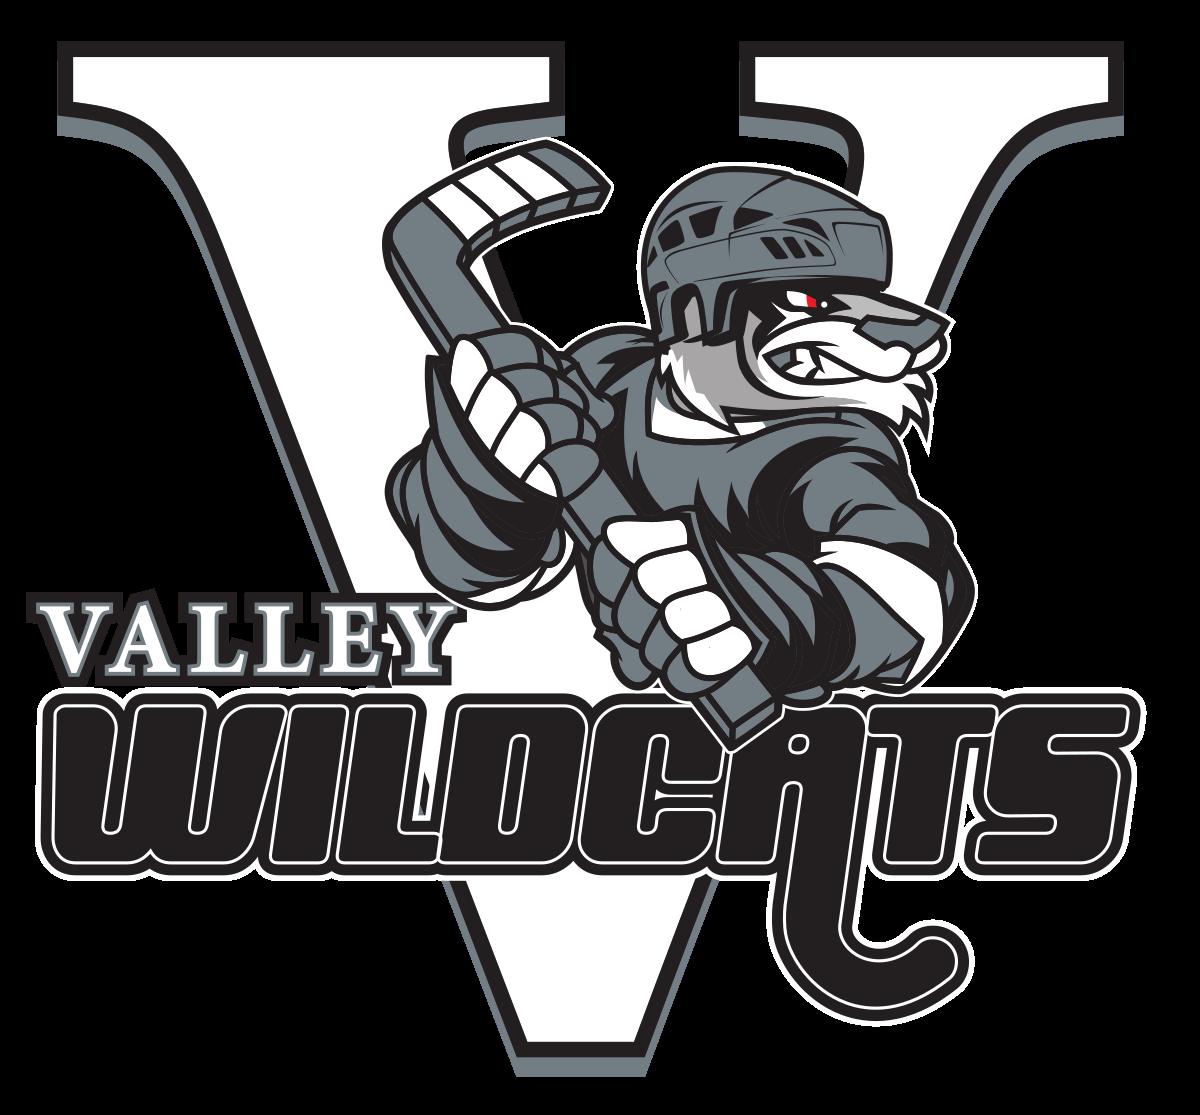 Valley wildcats wikipedia . Wildcat clipart bearcat